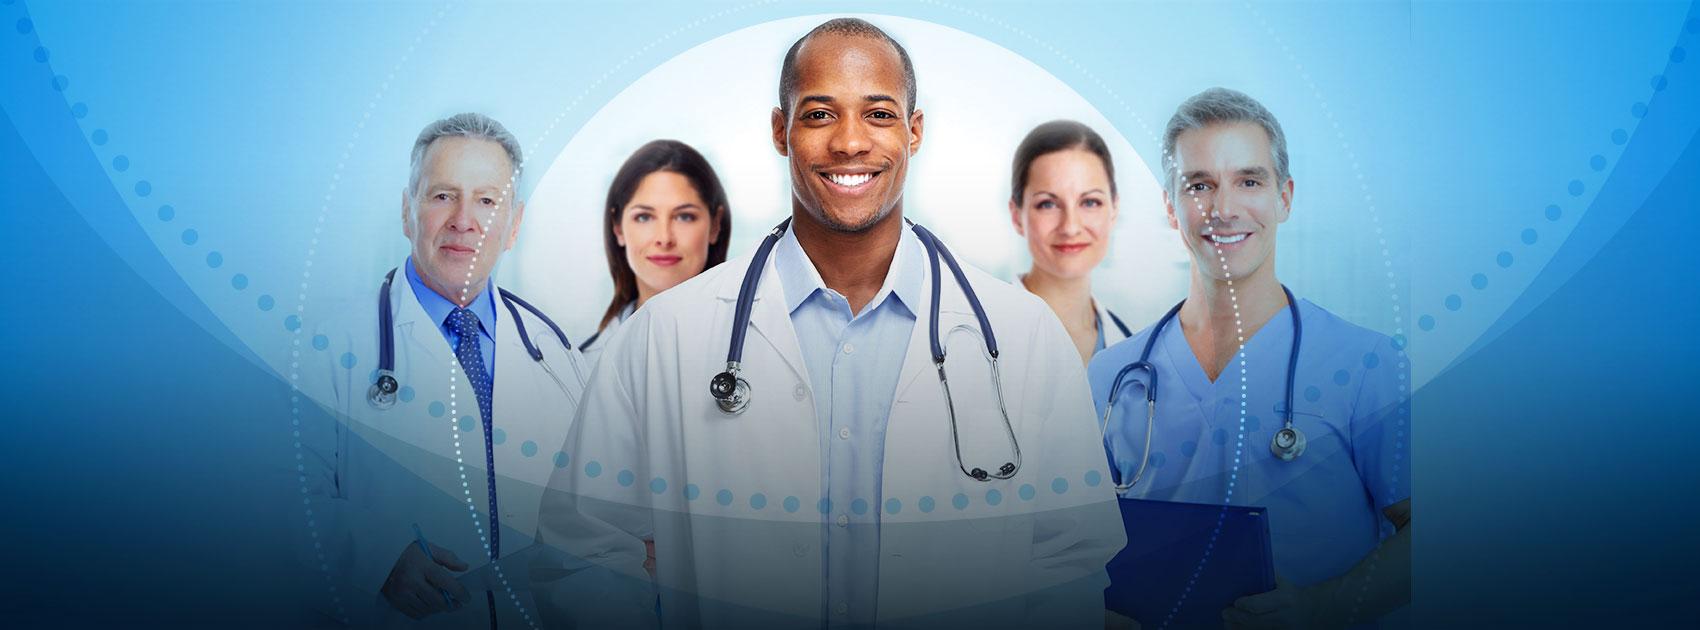 banner-medical-centre-01